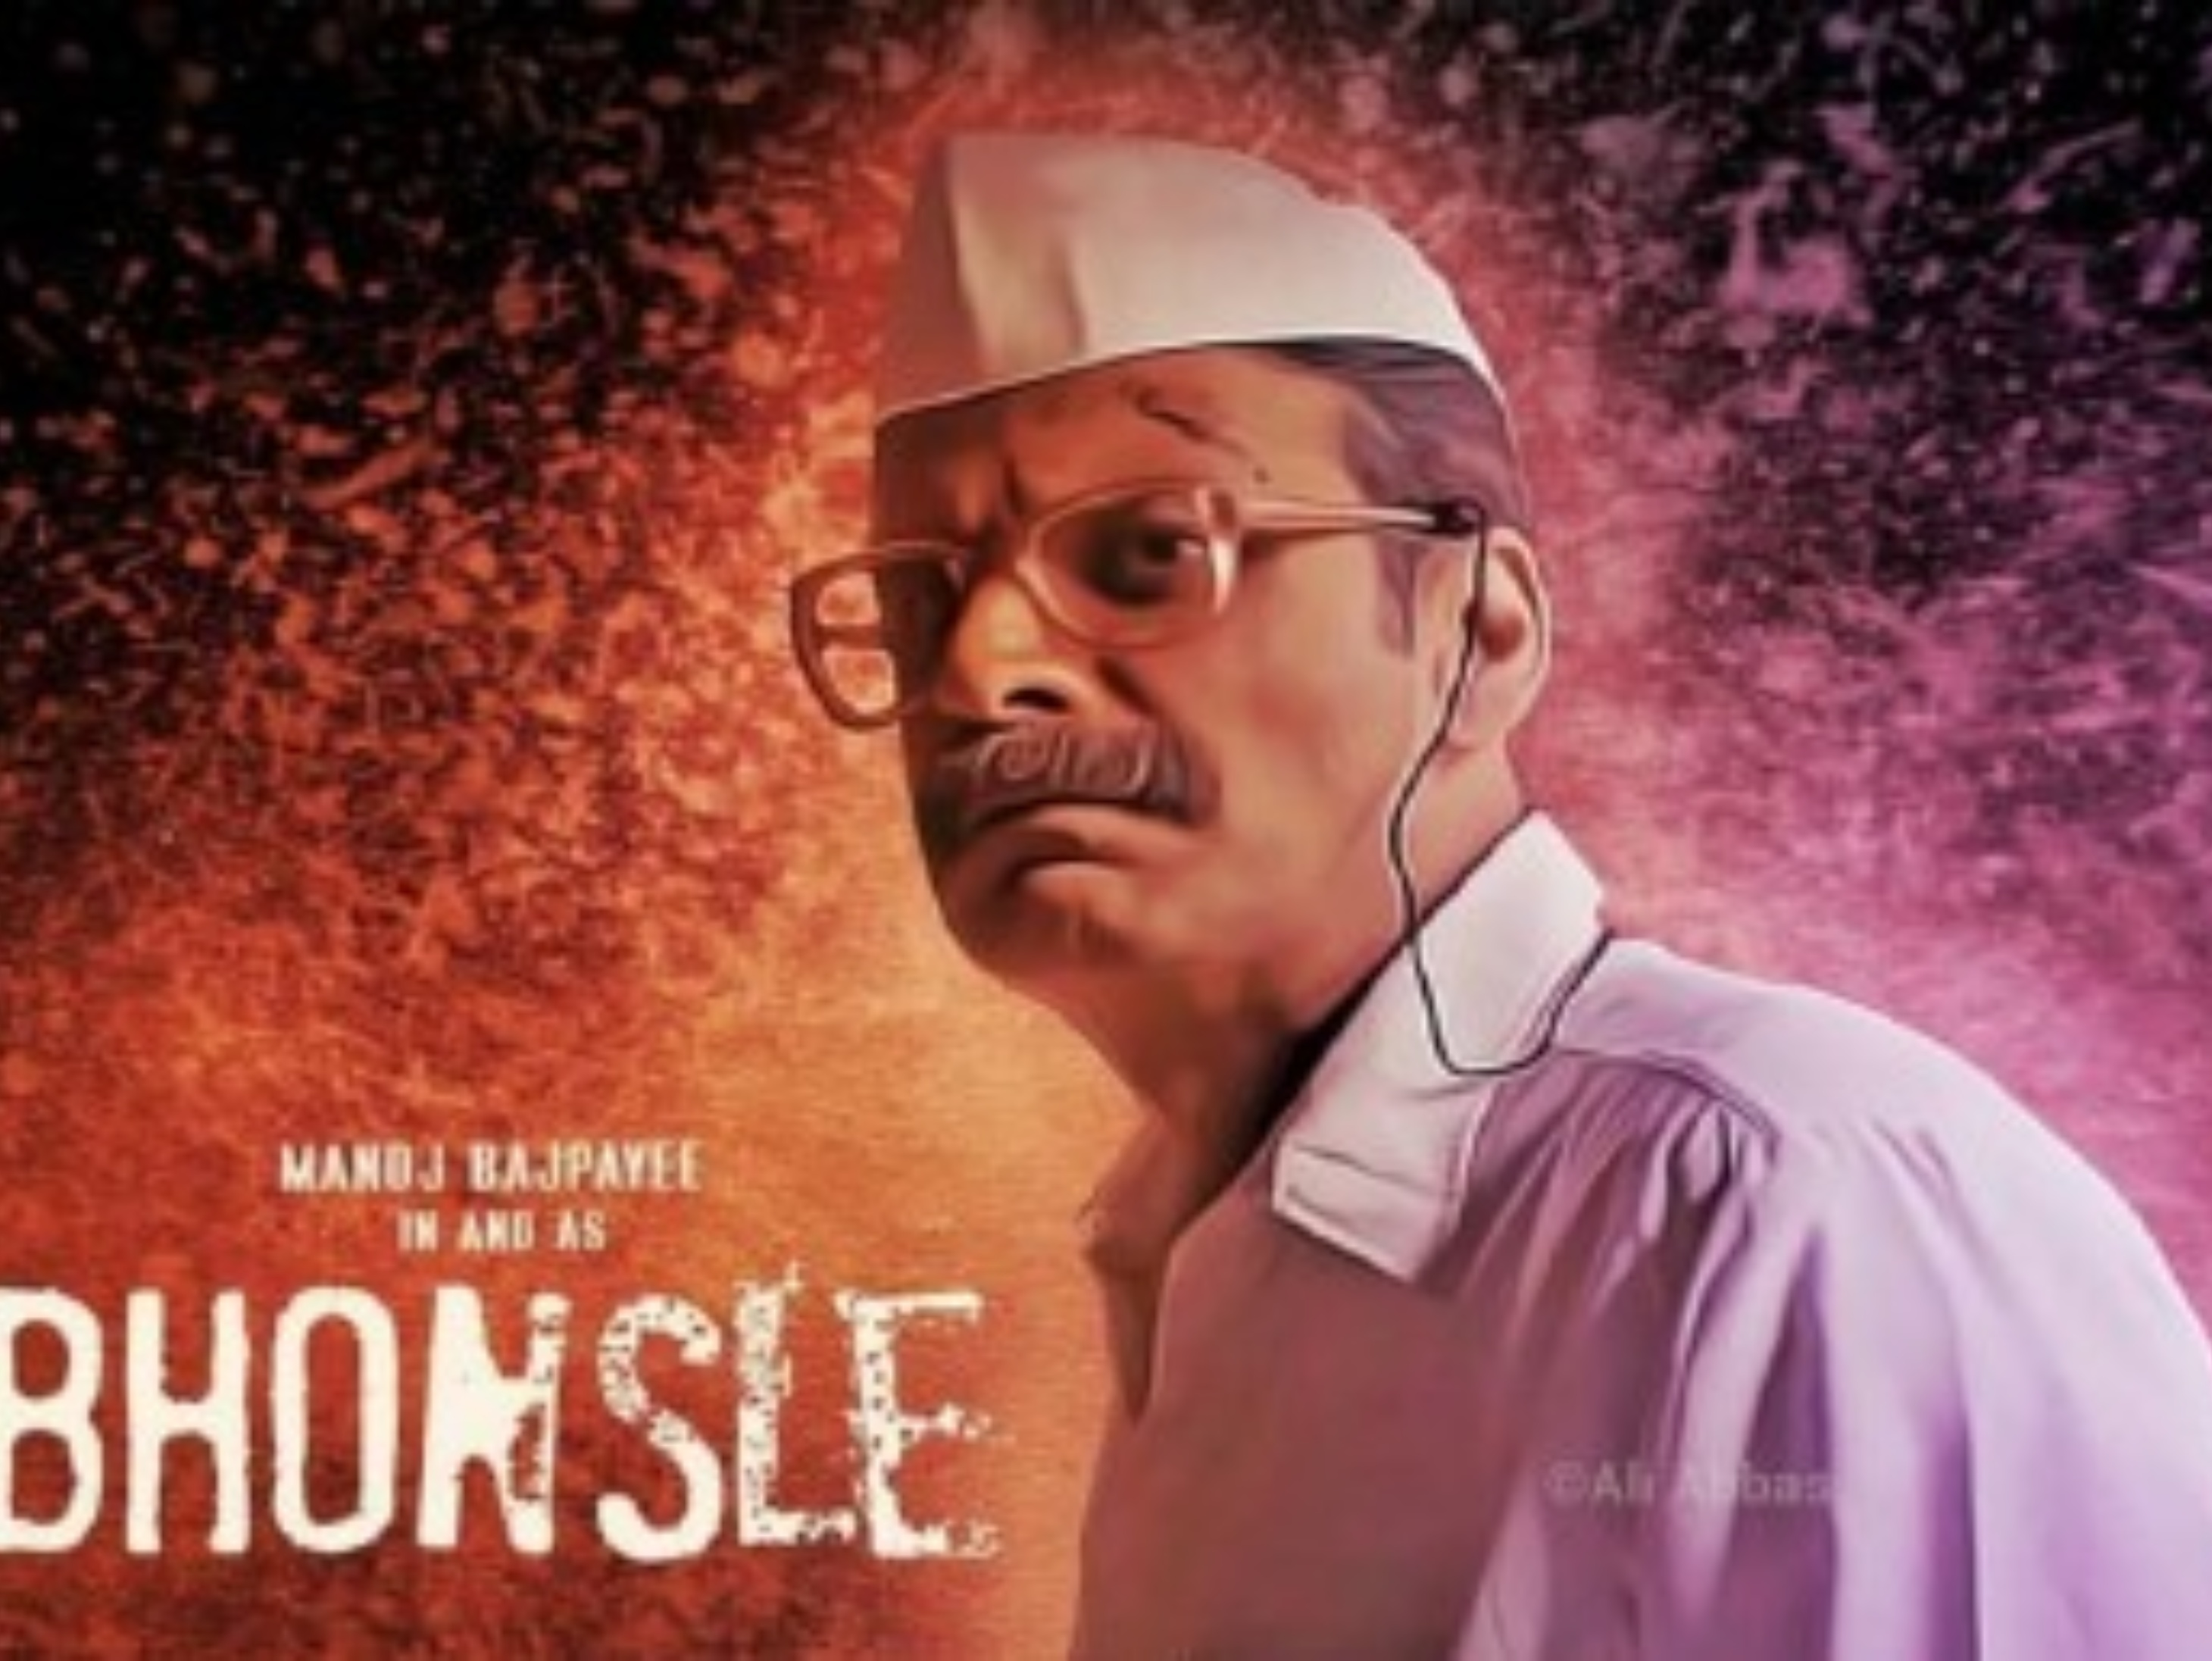 मनोज बाजपेयी बोले- ये अवॉर्ड सिर्फ मुझे नहीं बल्कि उन सभी को मिला जिन्होंने फिल्म में पैसे लगाए और मुझ पर भरोसा रखा|बॉलीवुड,Bollywood - Dainik Bhaskar